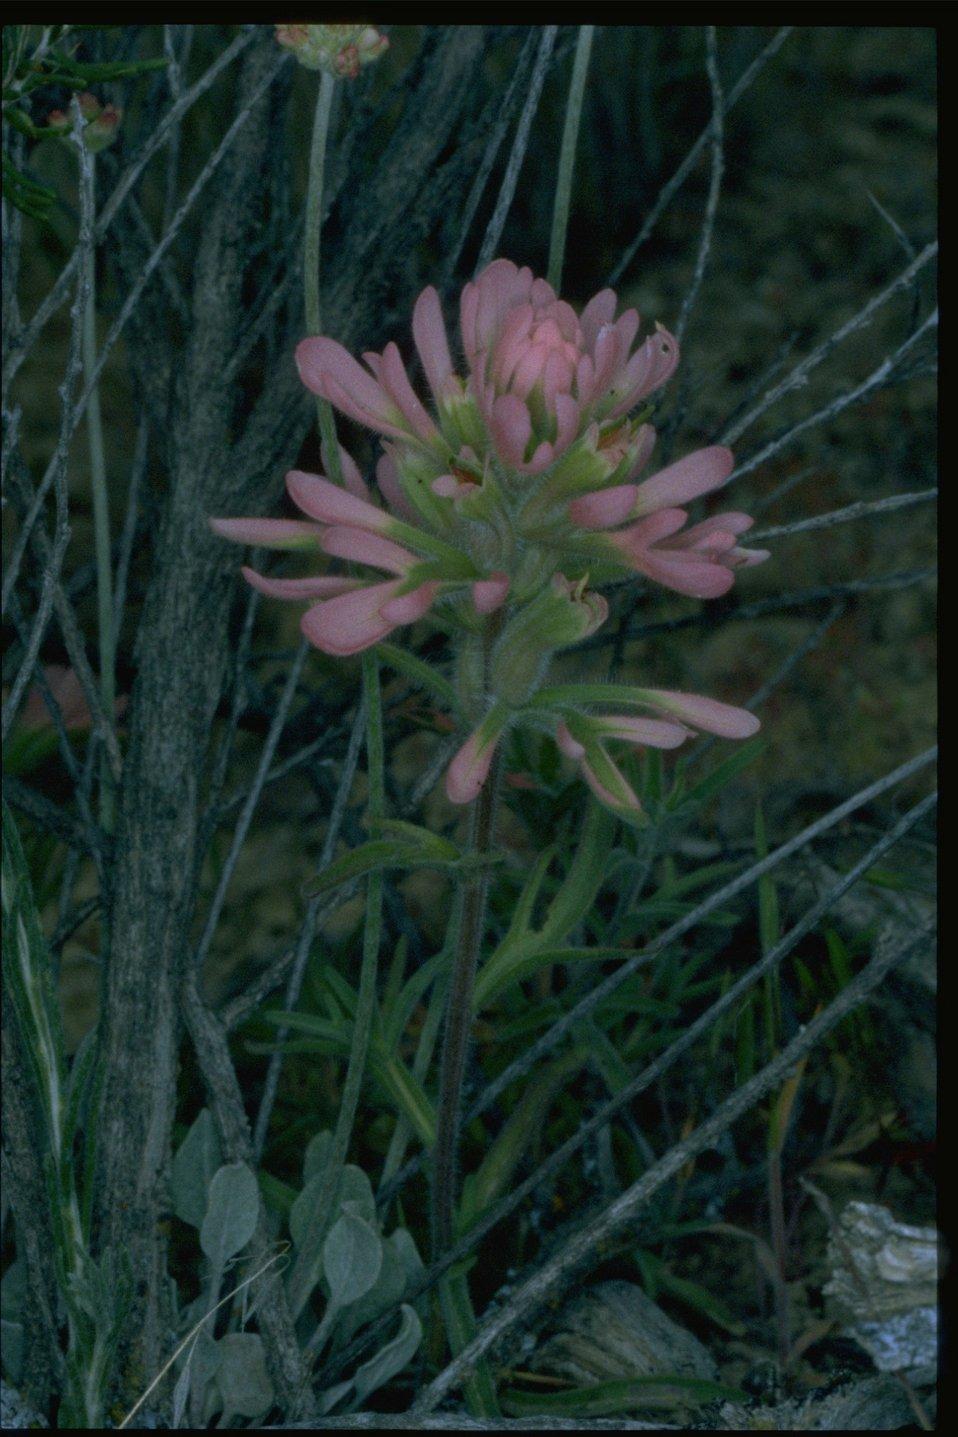 Medium shot of Pink Indian Paintbrush wildflower.